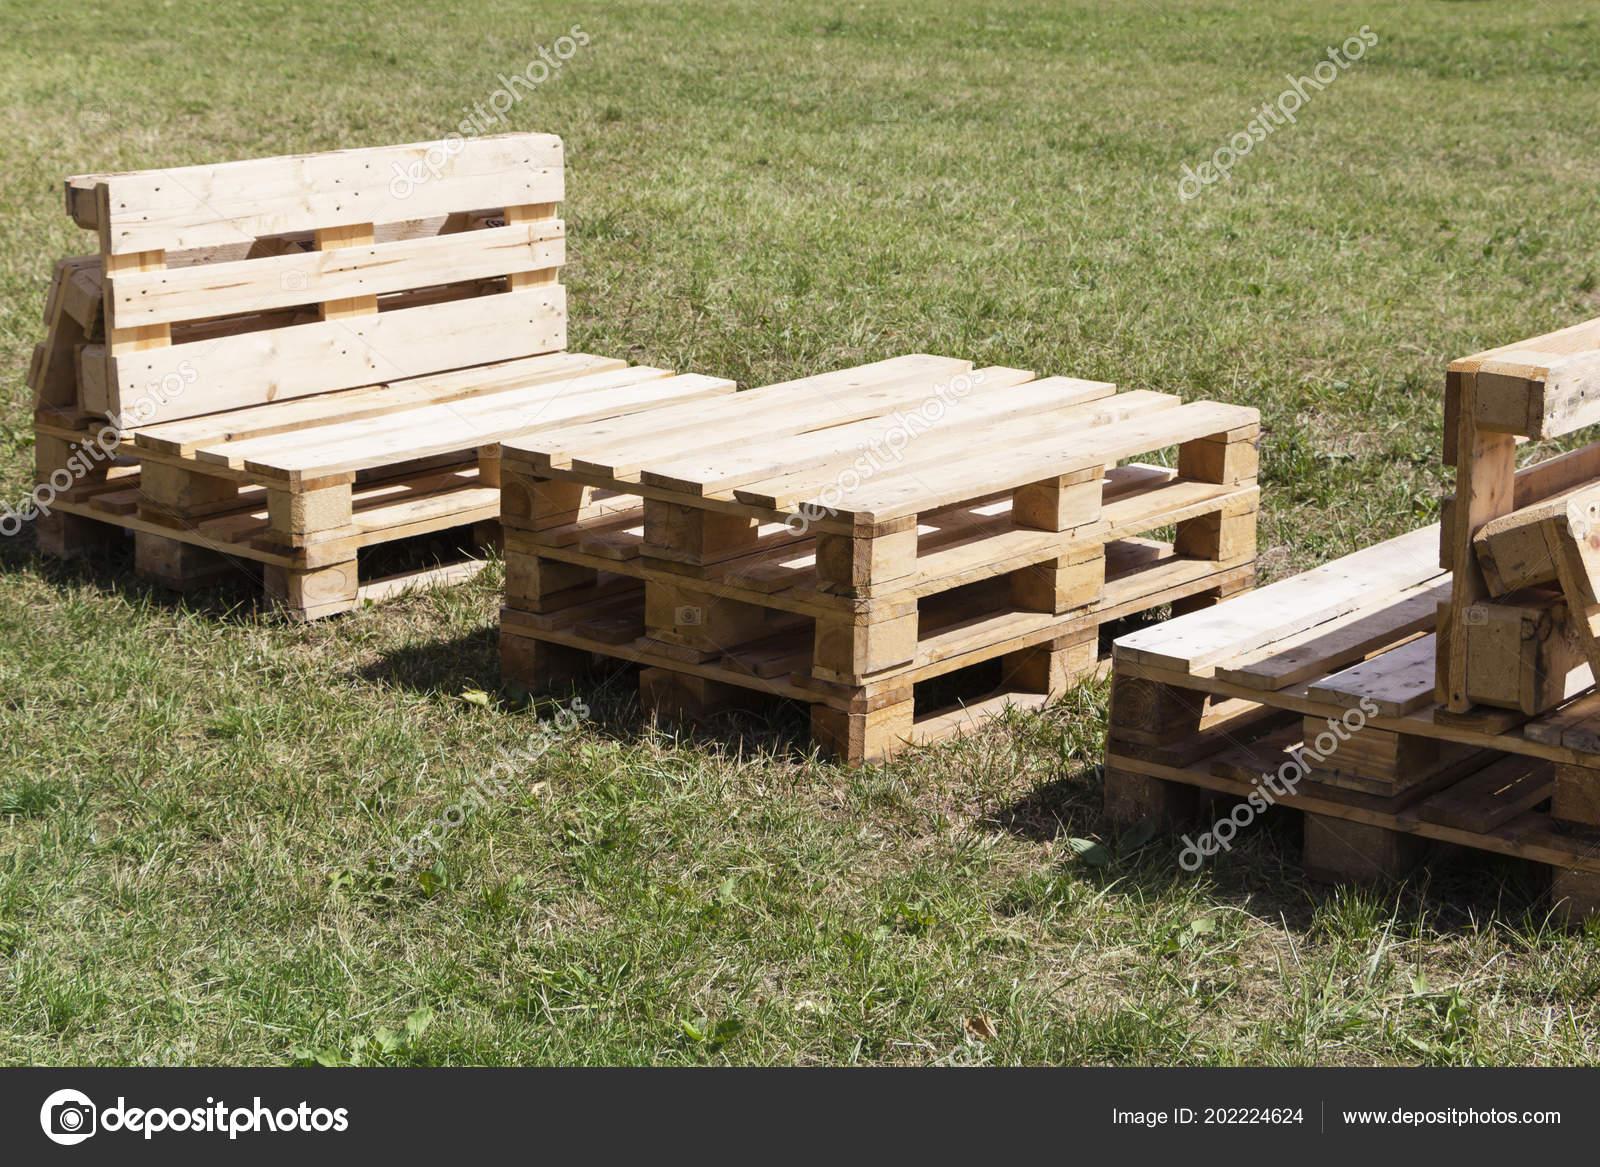 Houten Pallet Meubelen : Houten meubels gemaakt van pallets die permanent op het gras